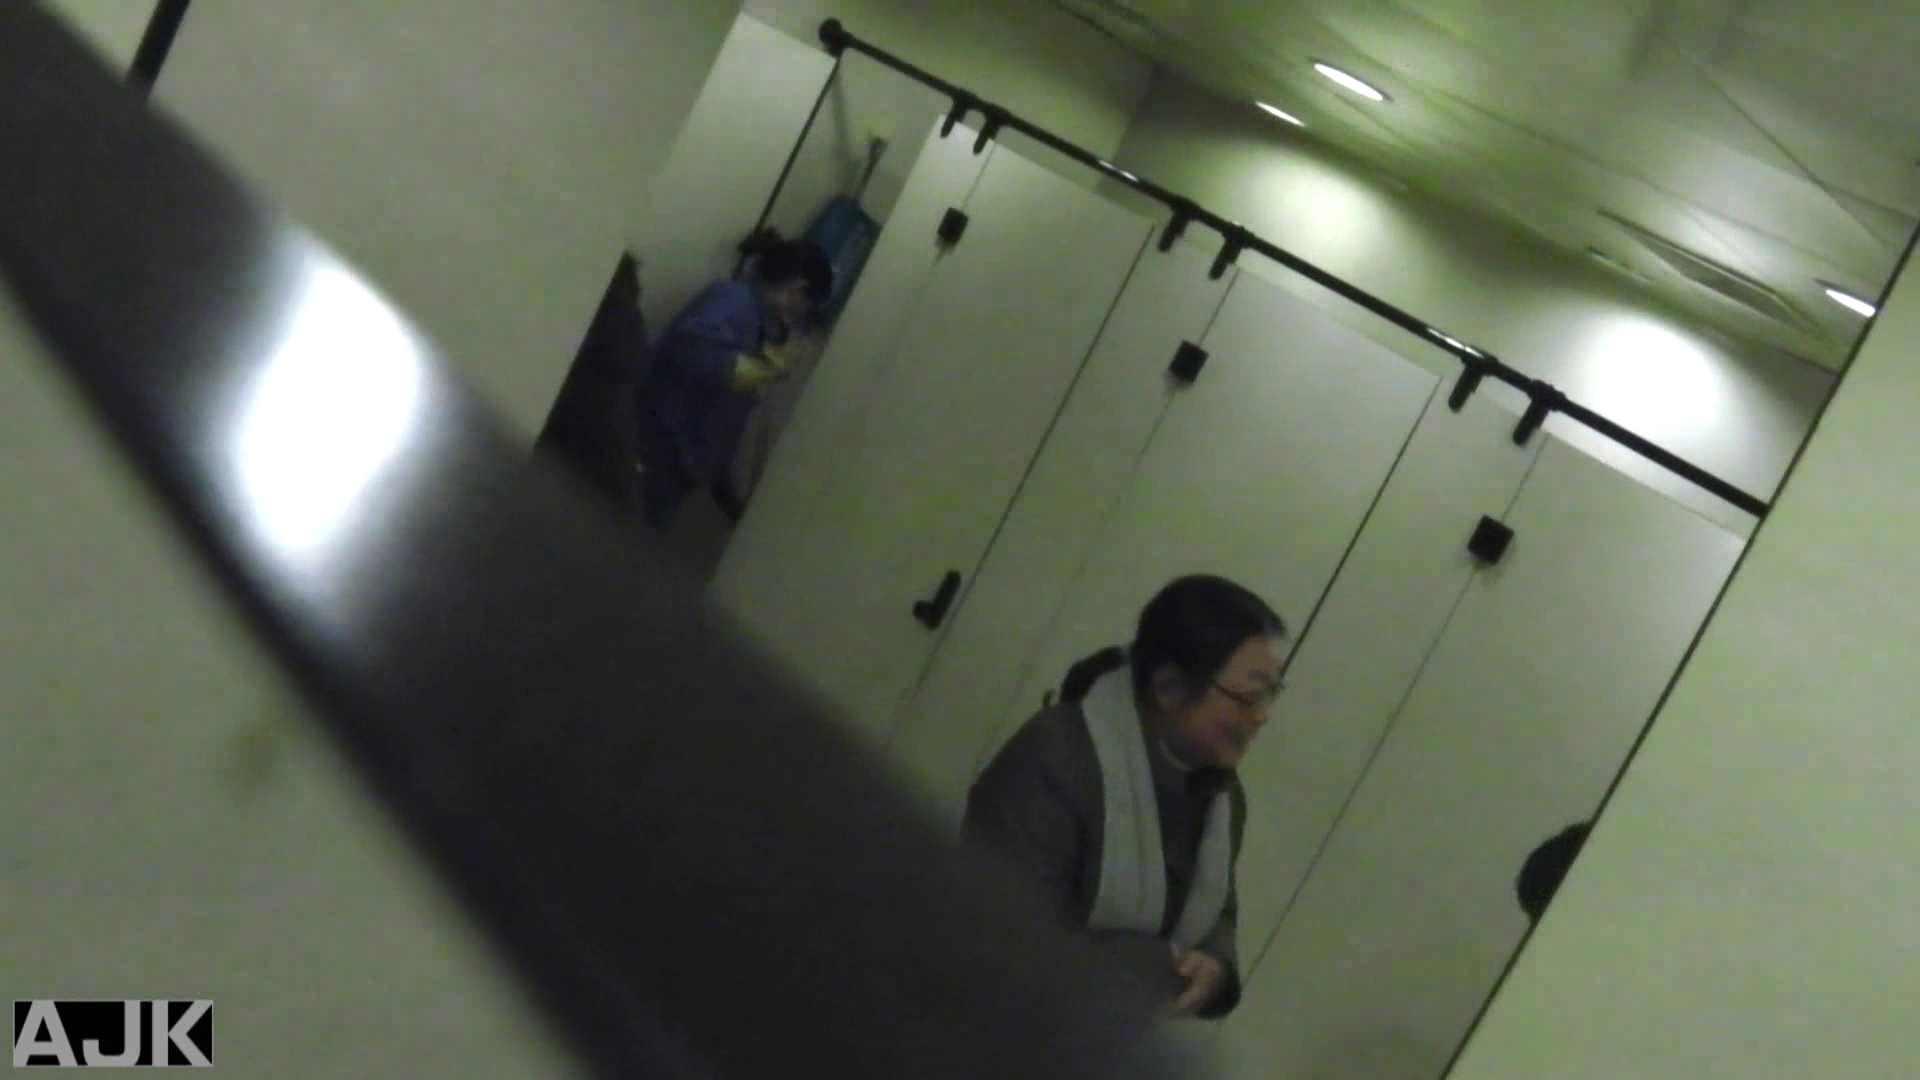 隣国上階級エリアの令嬢たちが集うデパートお手洗い Vol.19 HなOL  99pic 96